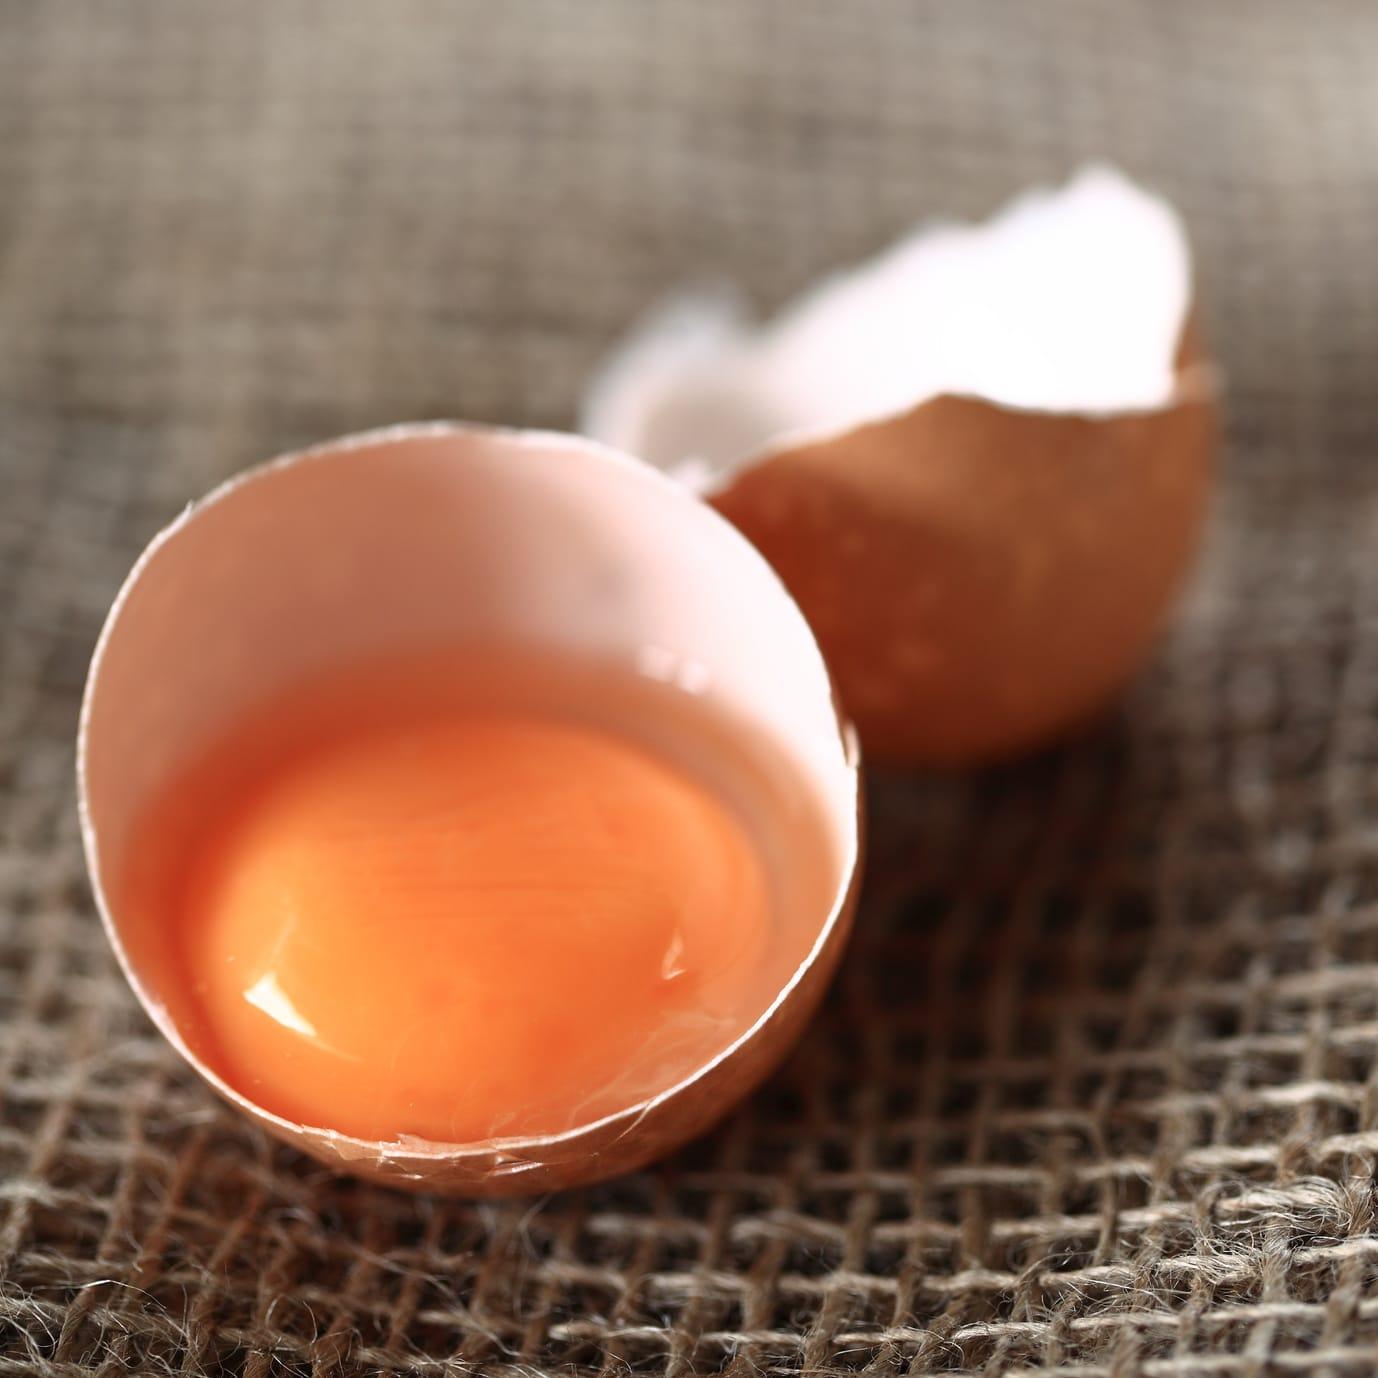 Sind Lebensmittel mit rohem Ei gefährlich?